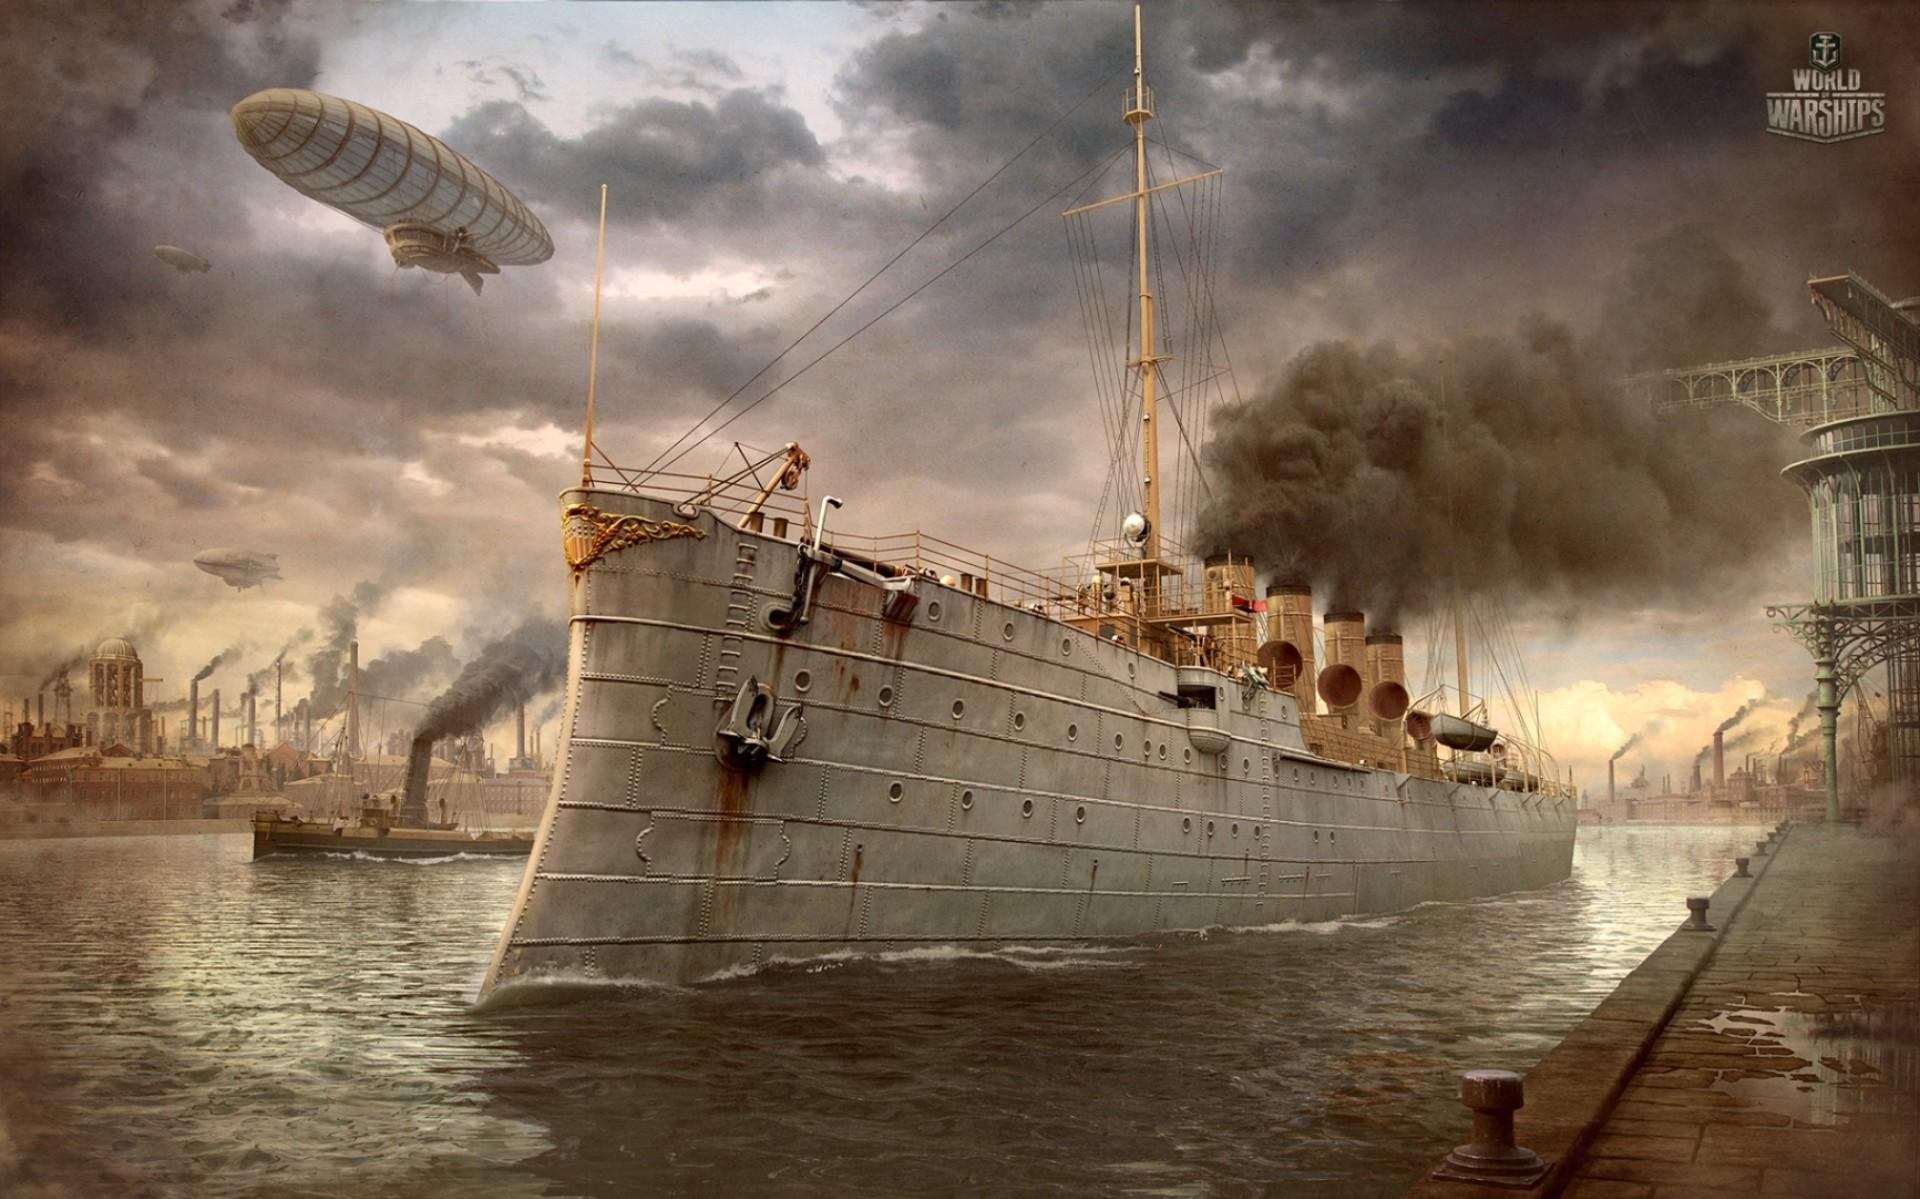 Игра World of Warships (Мир кораблей) вышла в закрытый бета-тест: обзор, геймплей